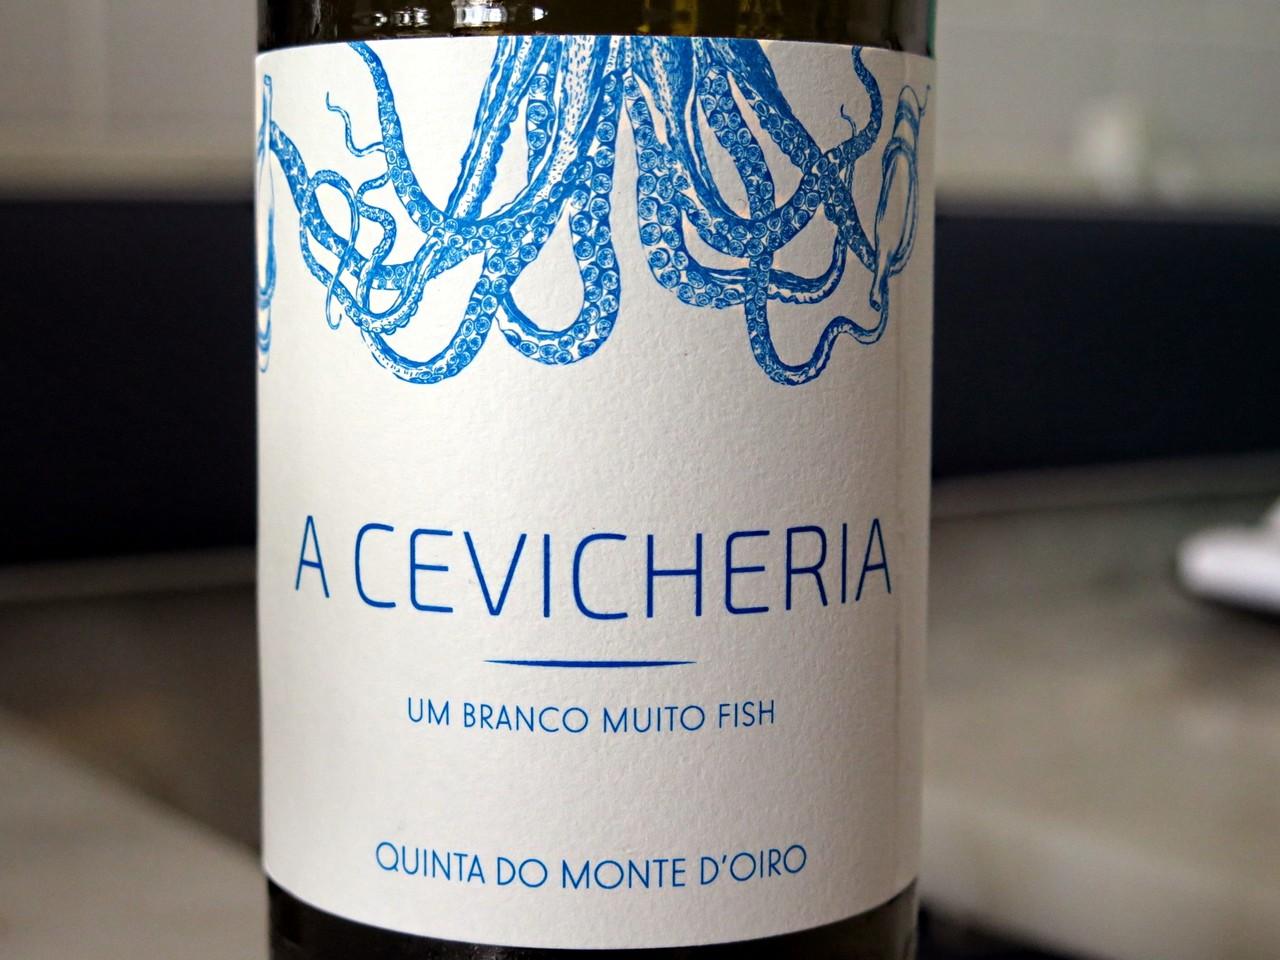 Produzido por José Bento dos Santos